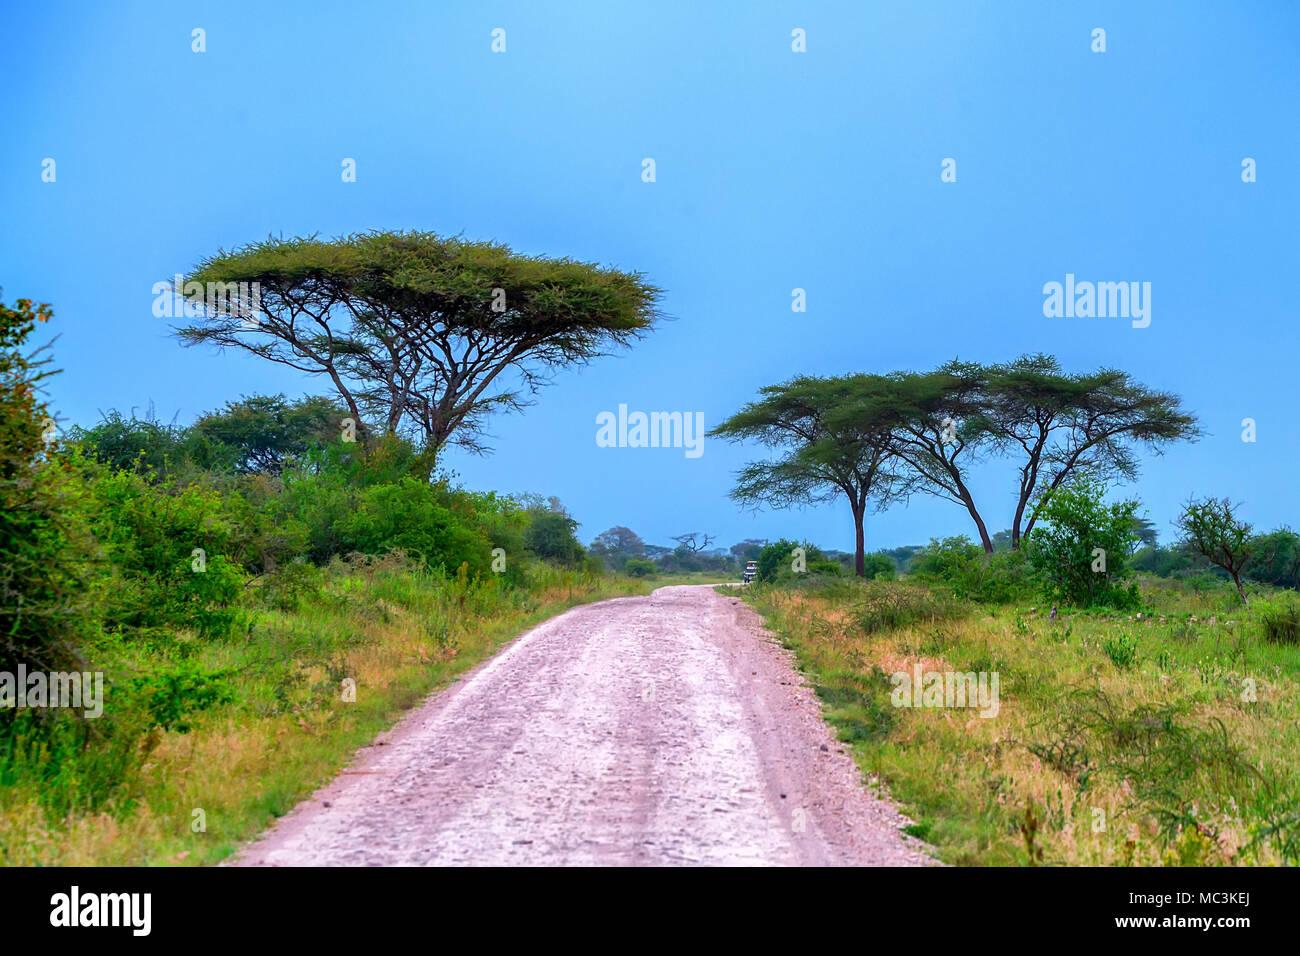 Straße in Afrikanischen malerischen Wald Stockbild